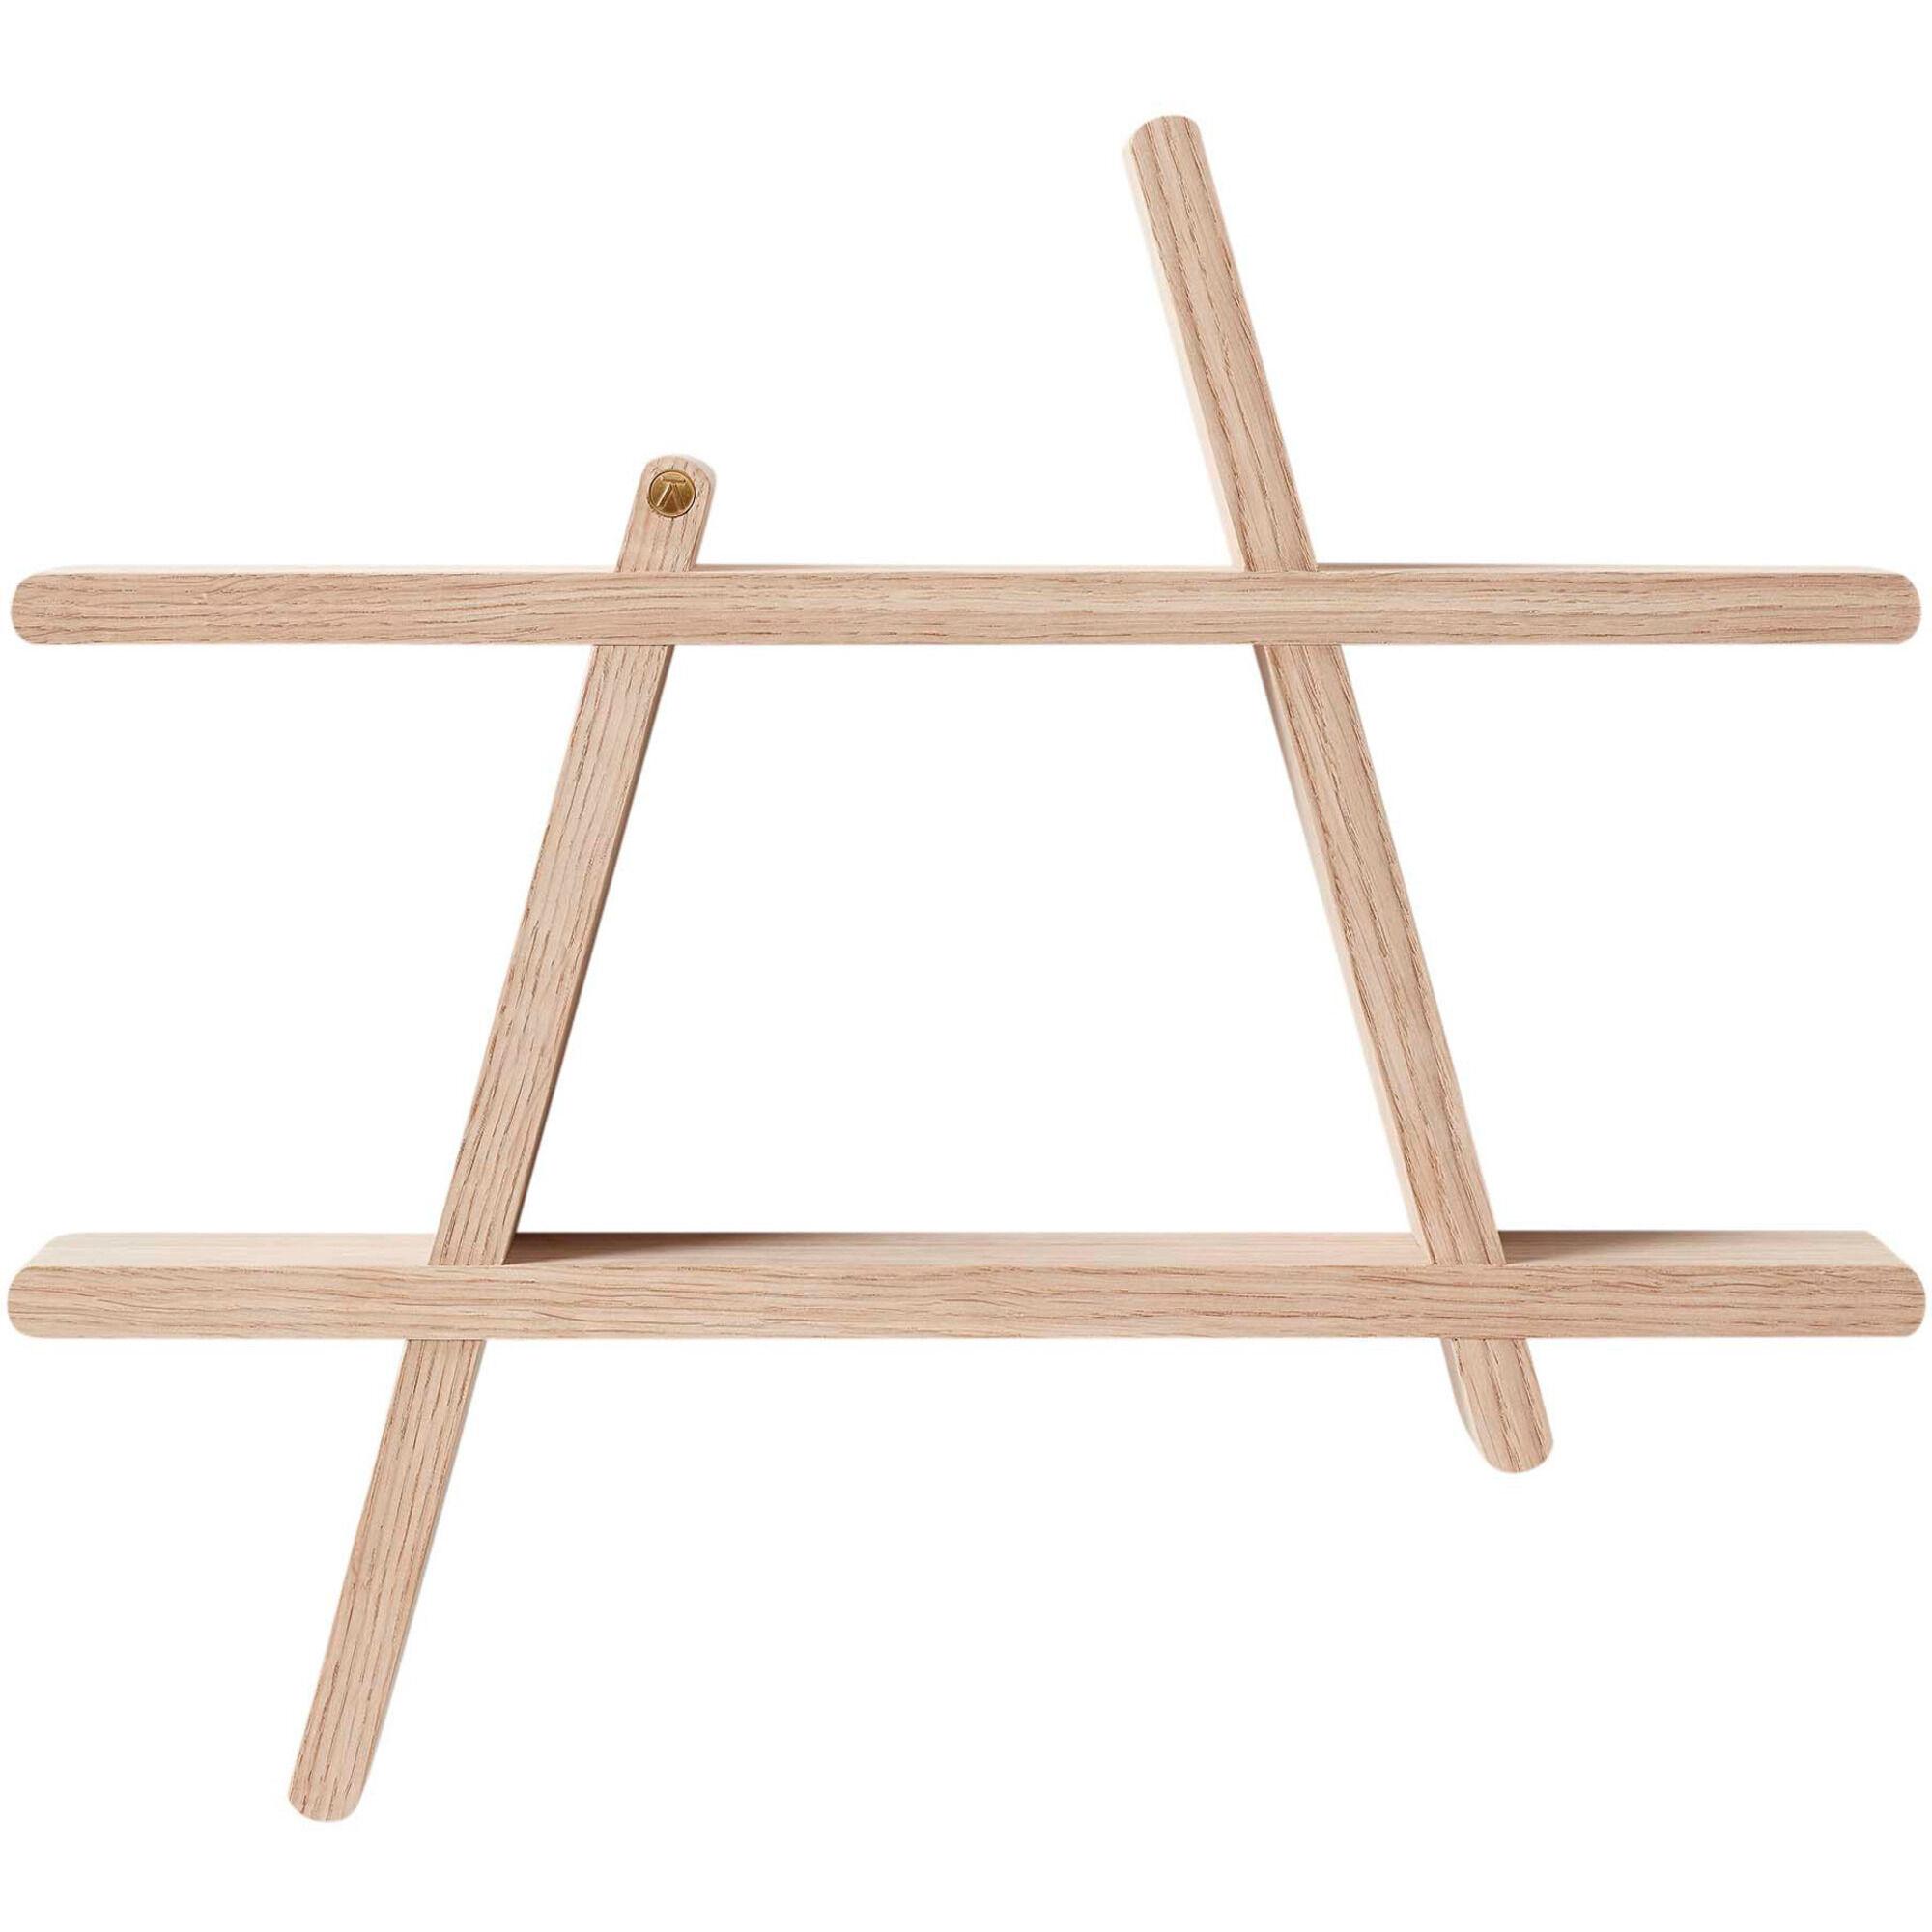 Andersen Furniture A-shelf 52 x 9 x 46 cm Medium Oak